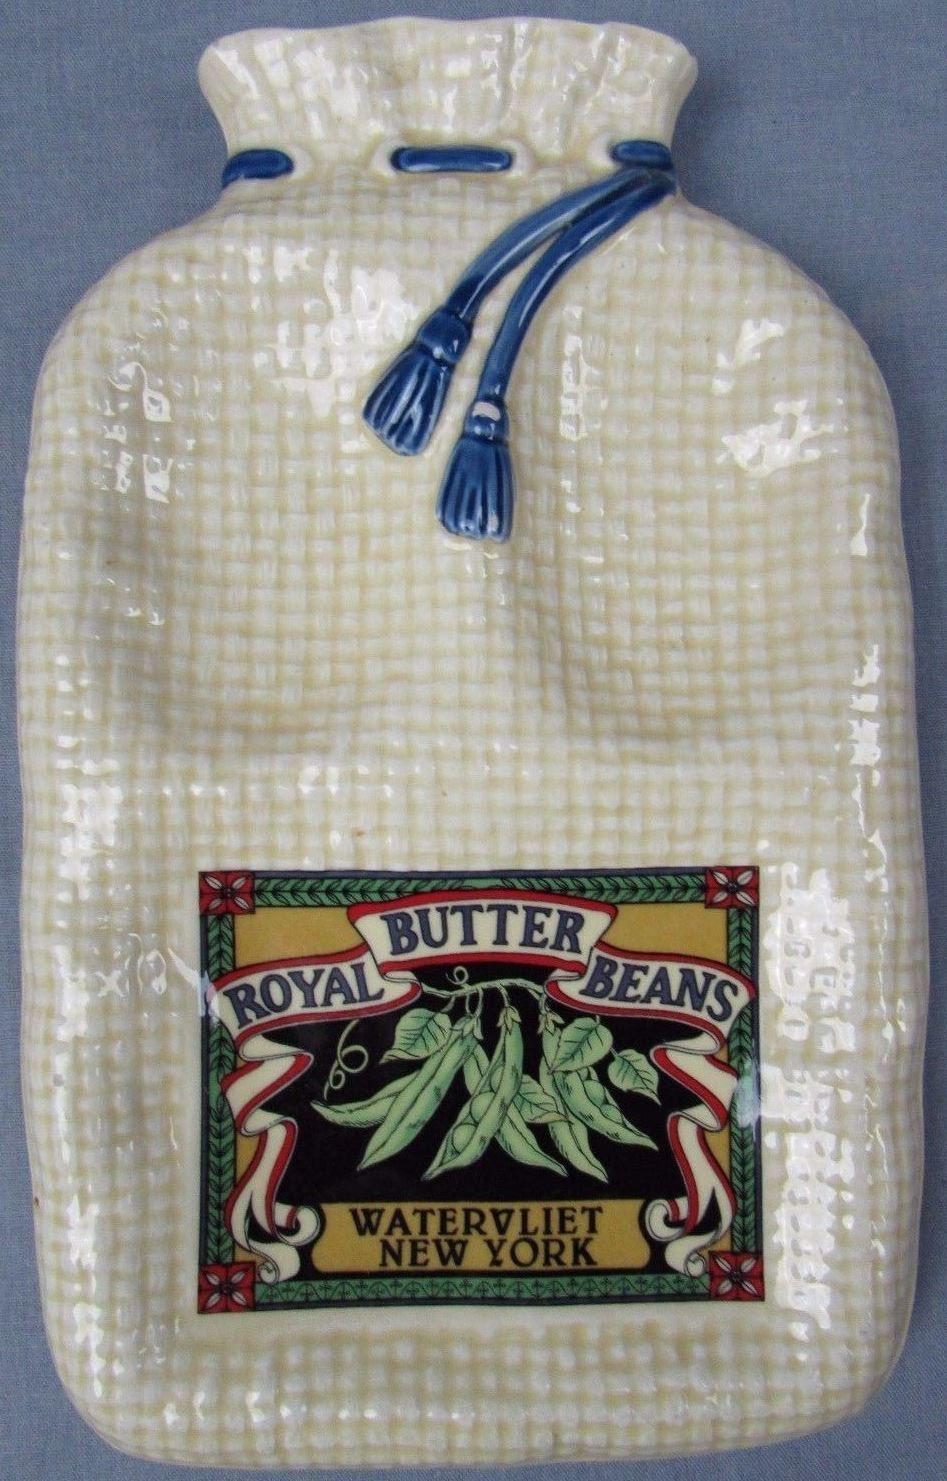 Royal Butter Beans, Watervliet, New York - Spoon Rest